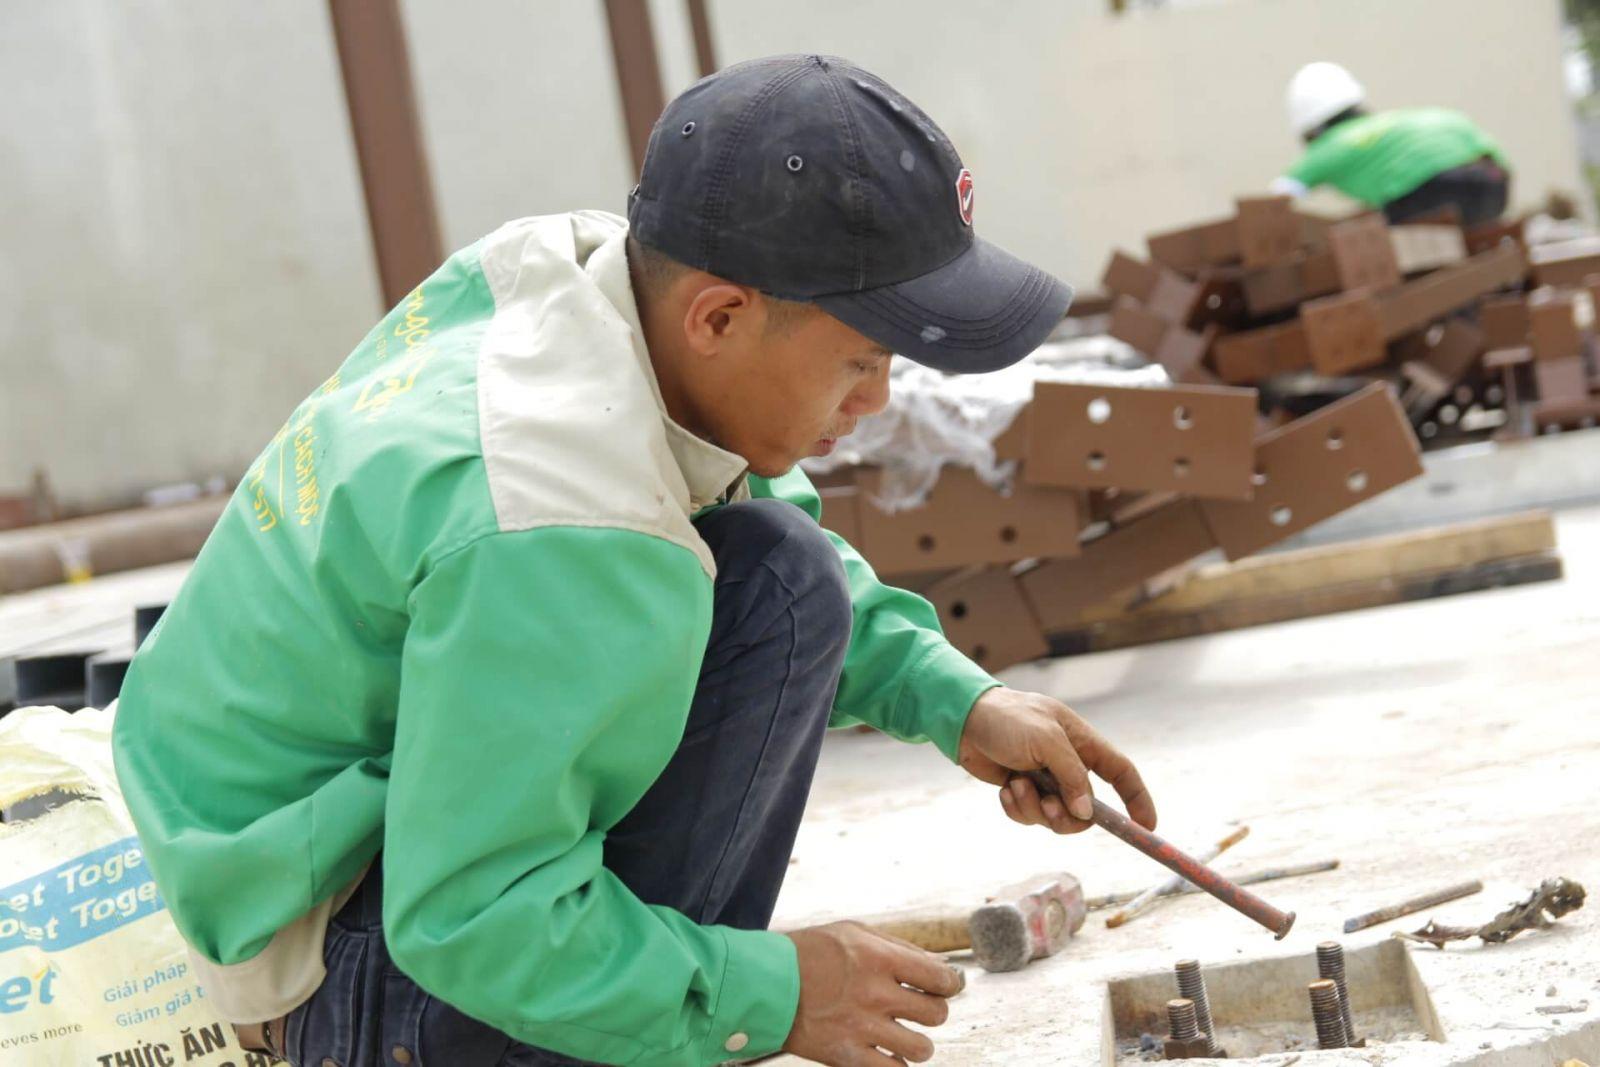 qua-trinh-thi-cong-van-phong-pcm-workshop-8